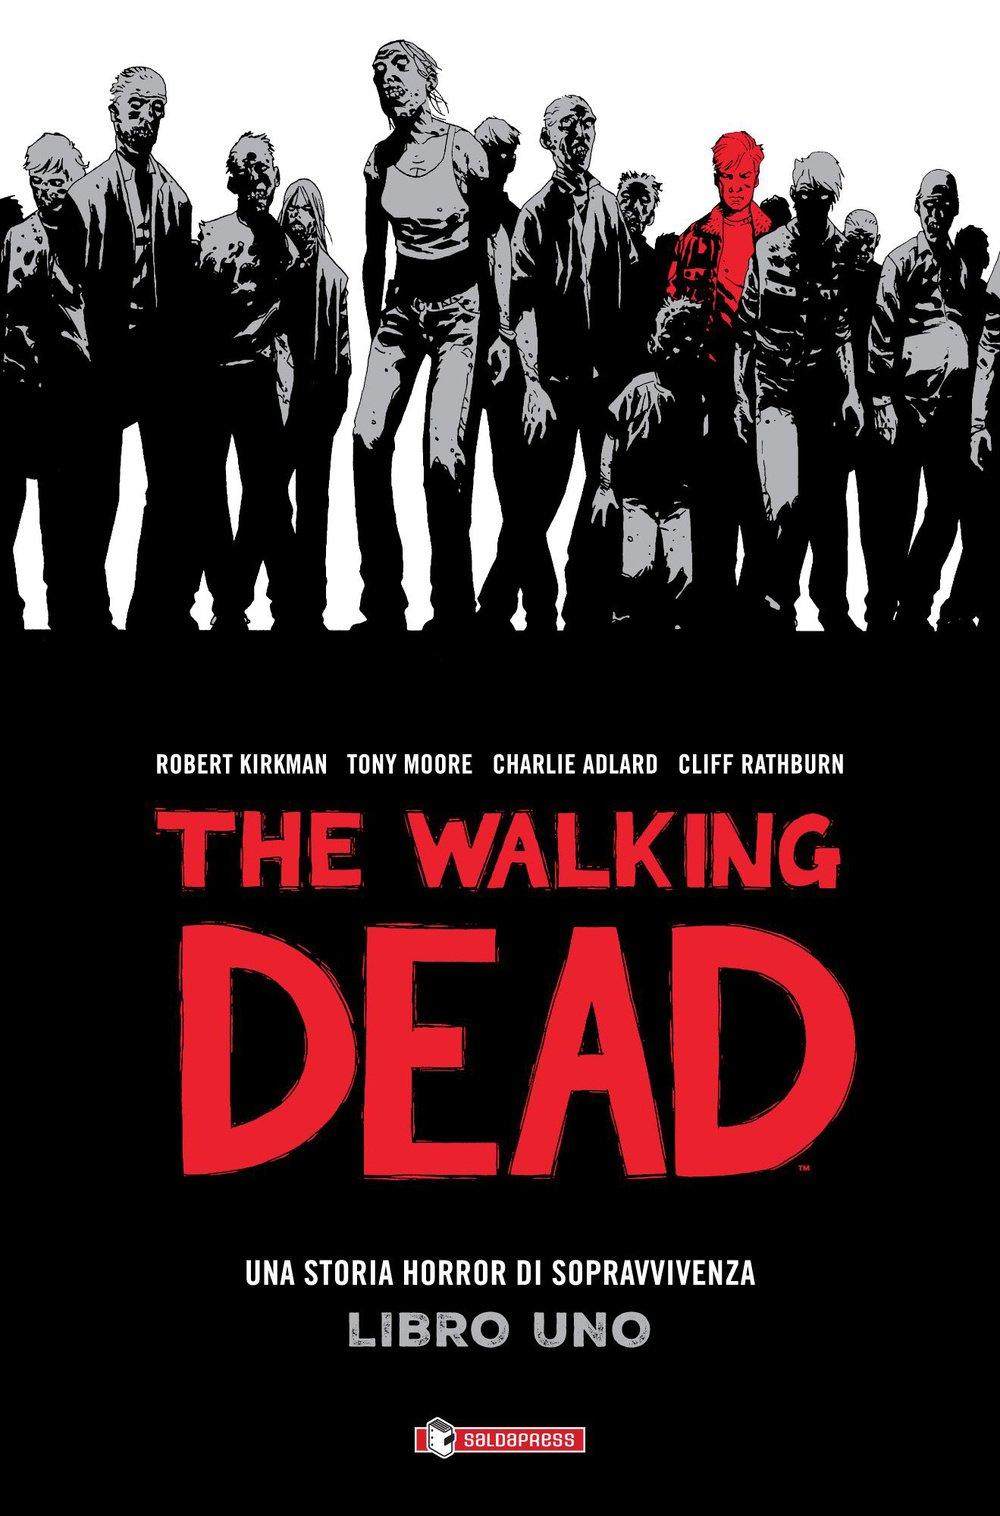 The Walking Dead - Libro Uno